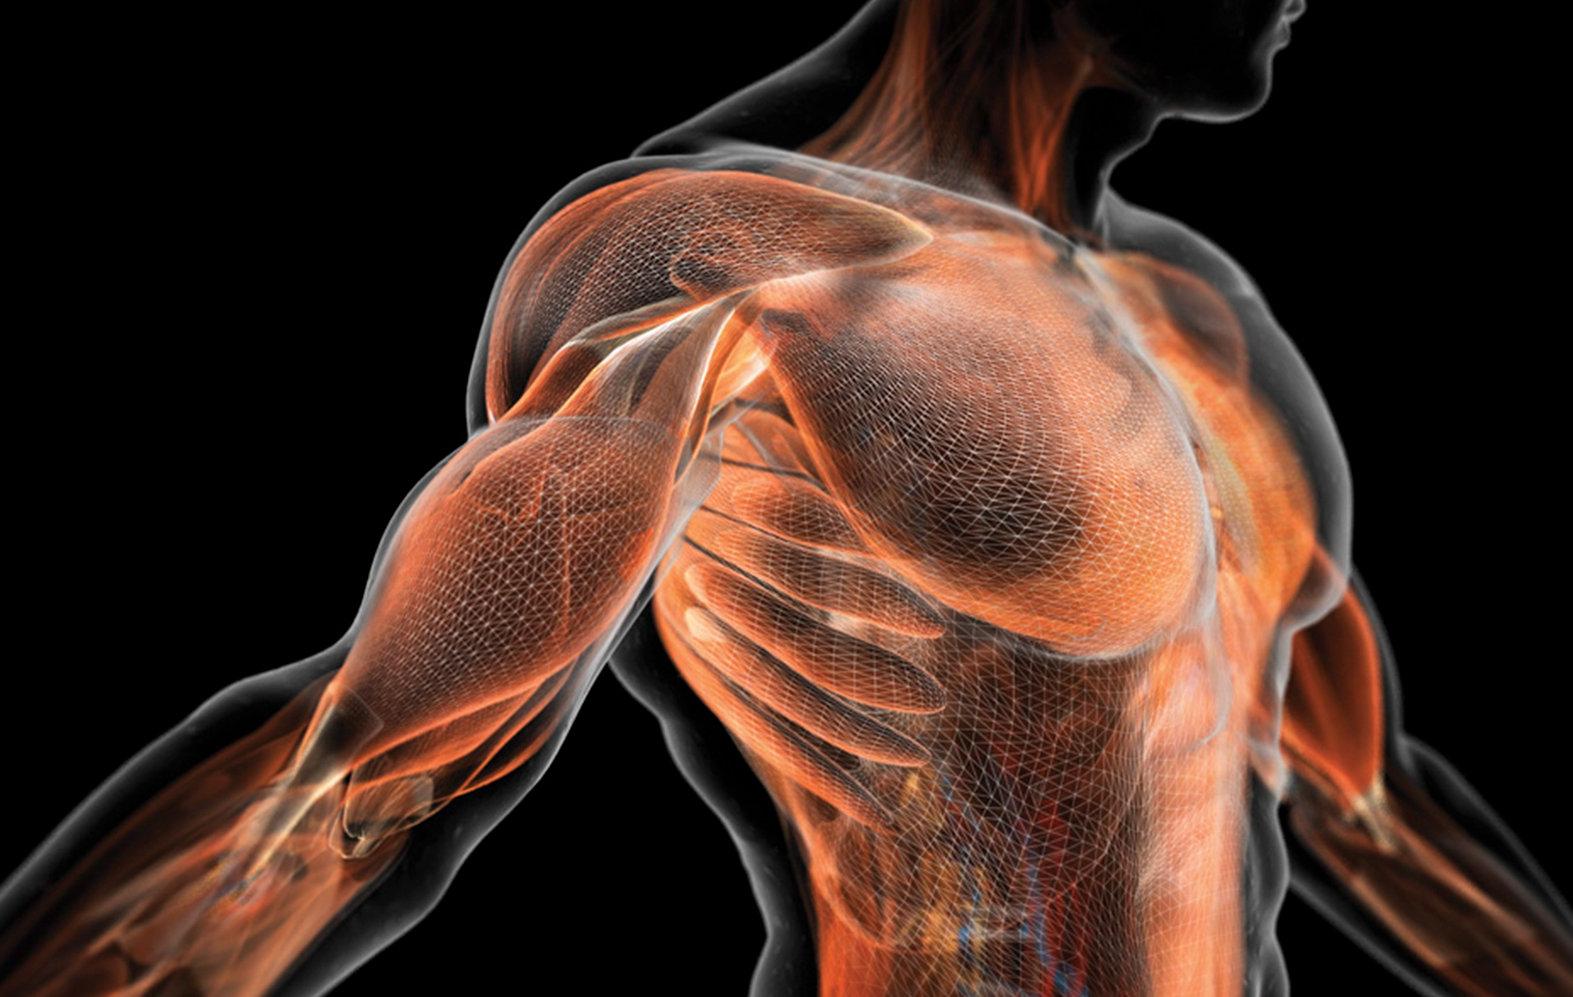 Лучшее компьютерное кресло: табурет и здоровые мышцы спины - 1